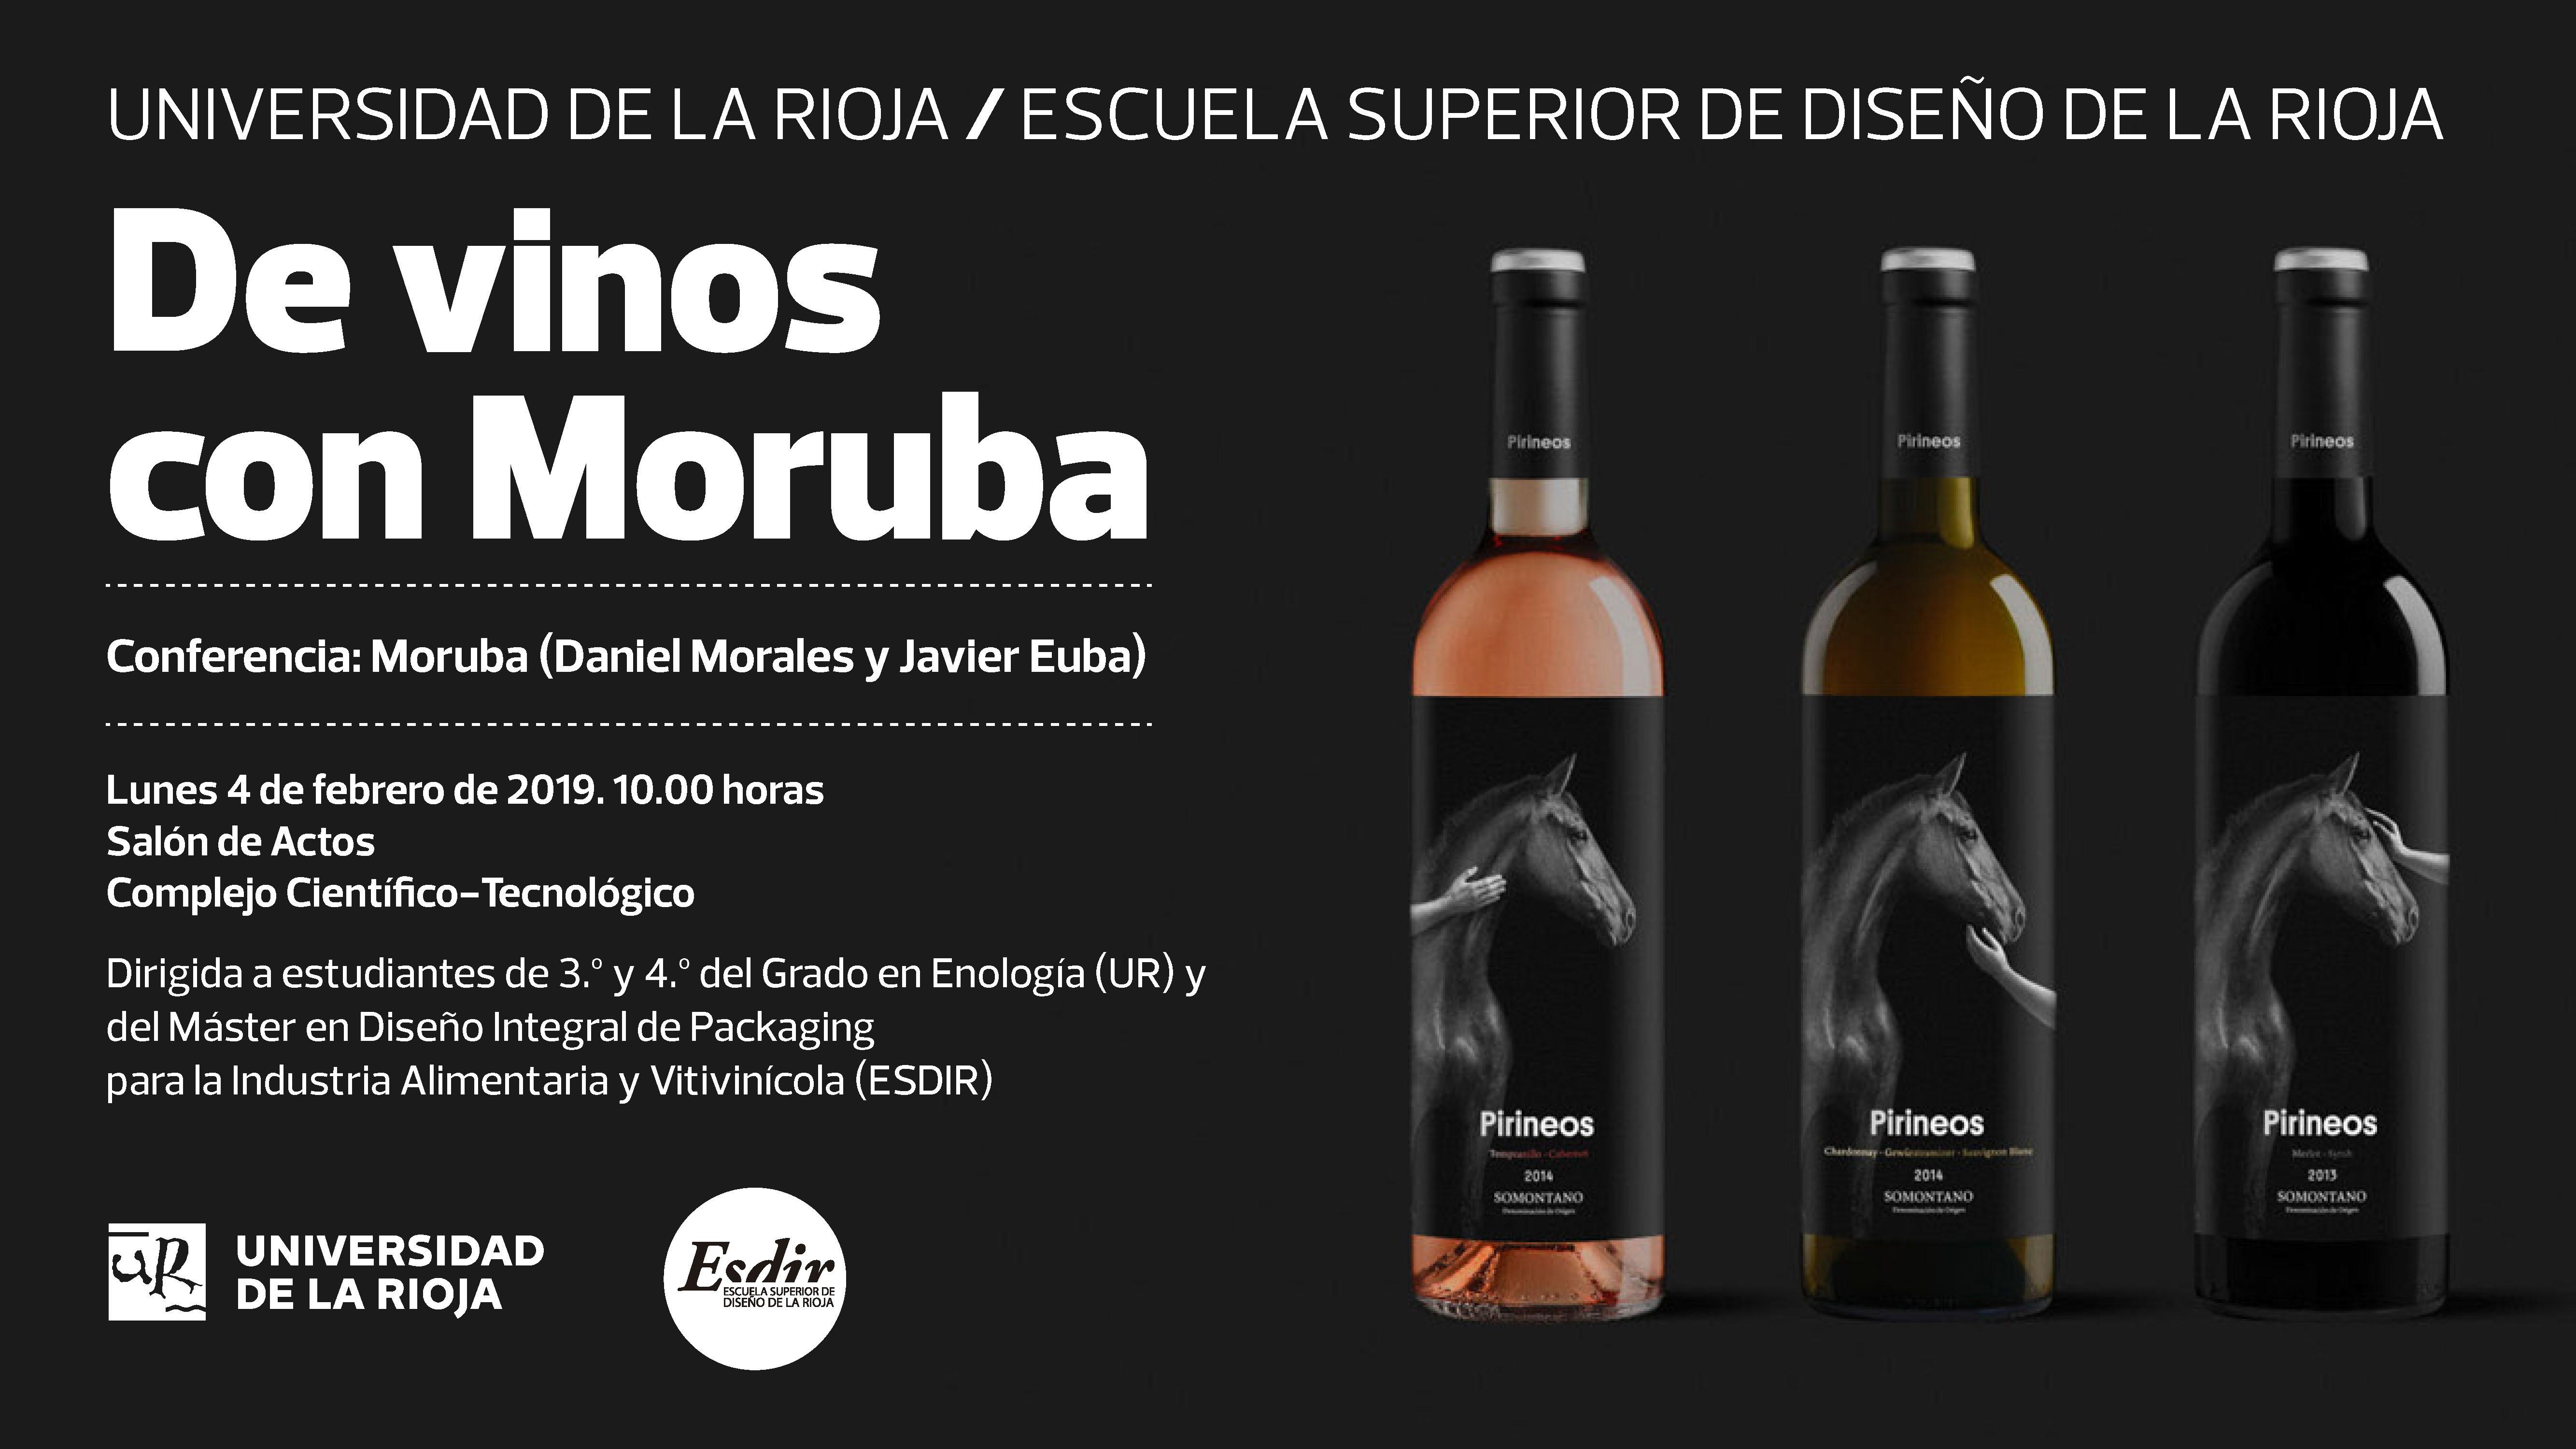 De Vinos con Moruba